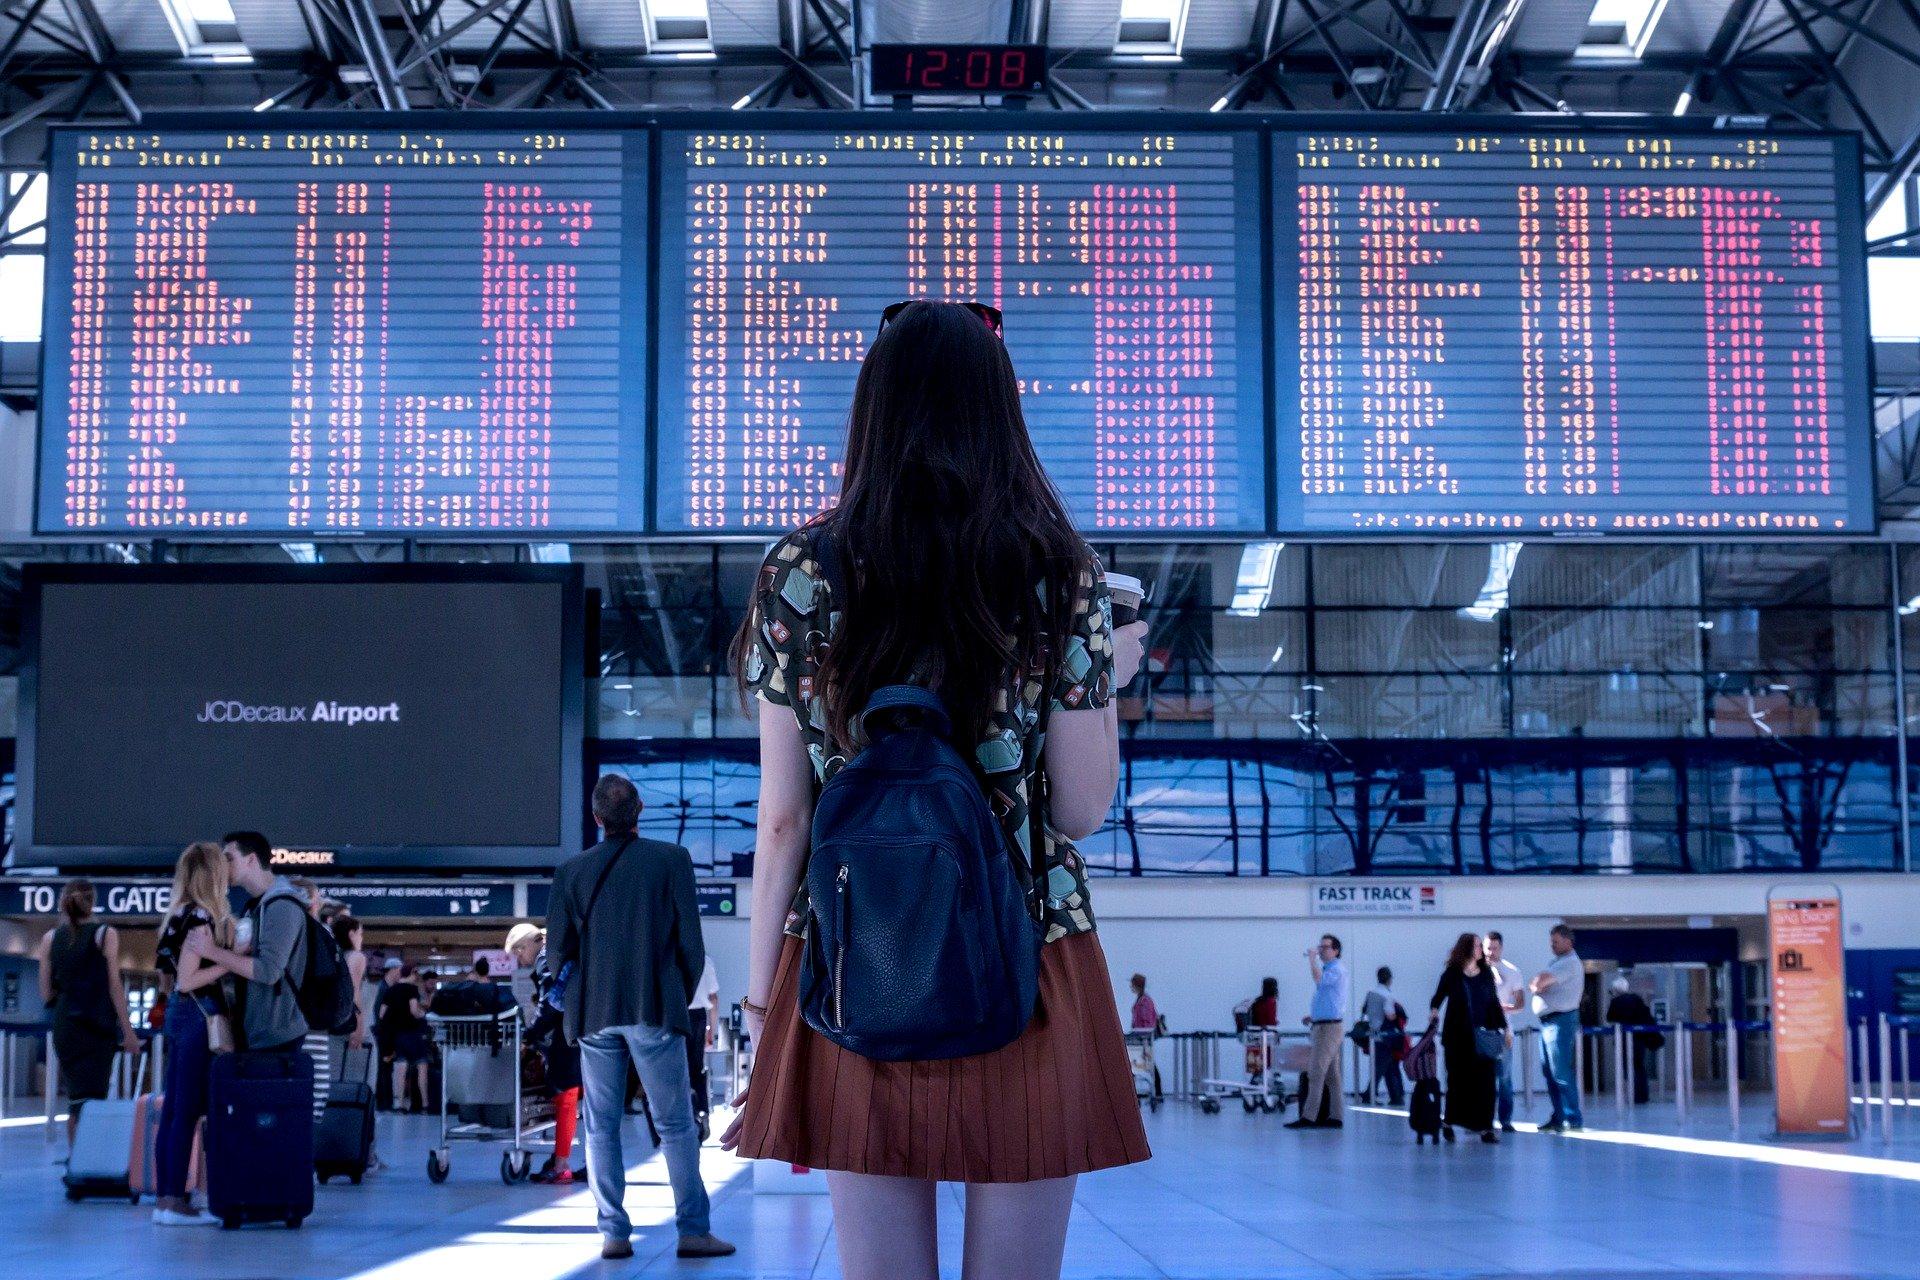 Voyage d'une femme seule devant le babillard de l'aéroport - Jan Vasek de Pixabay